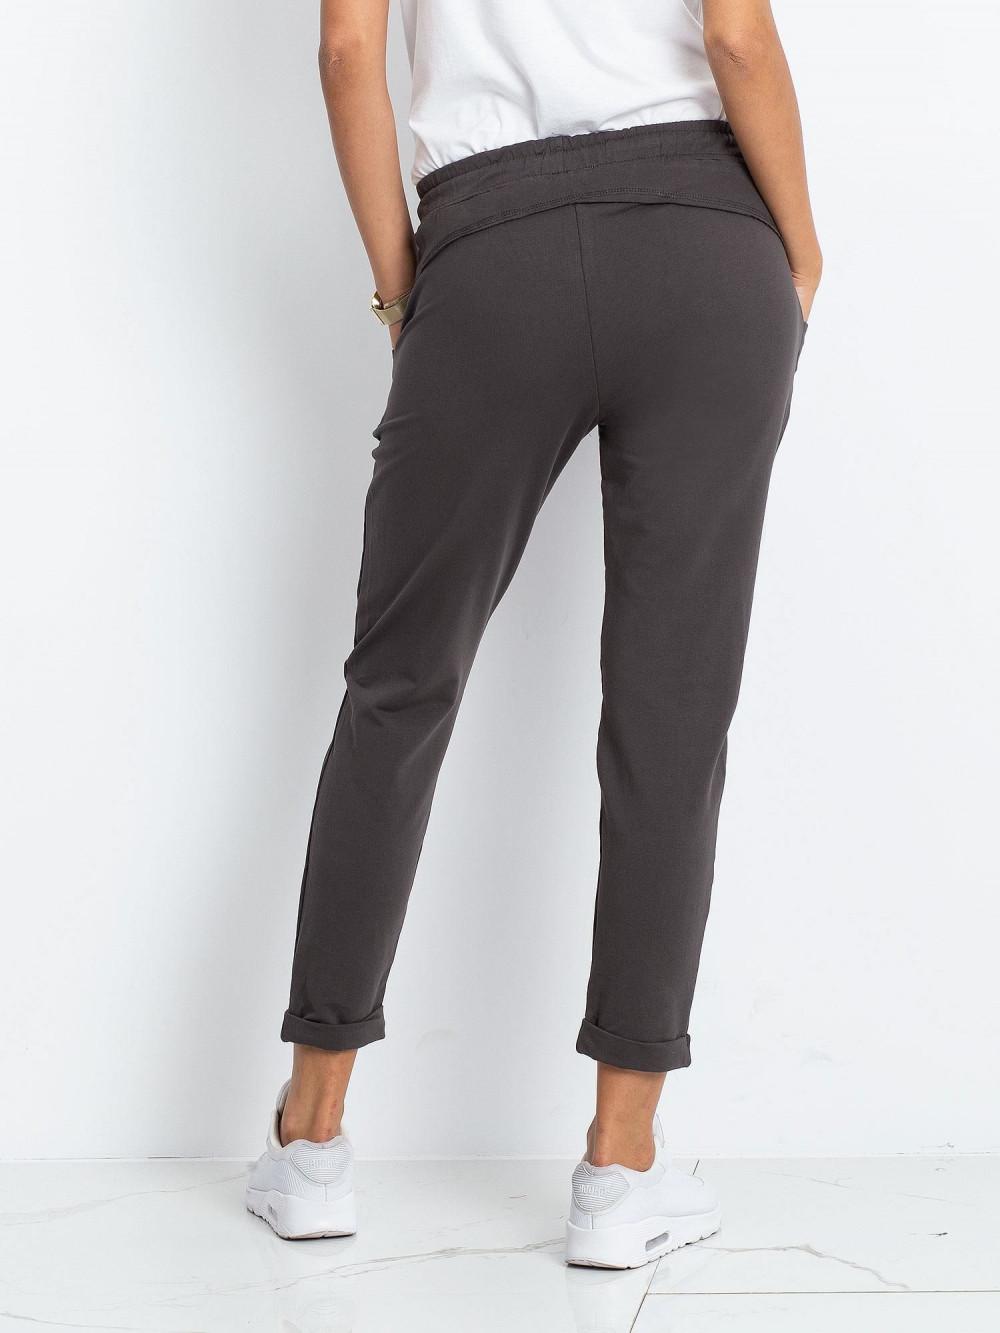 Khaki spodnie dresowe z kieszeniami Viole 4